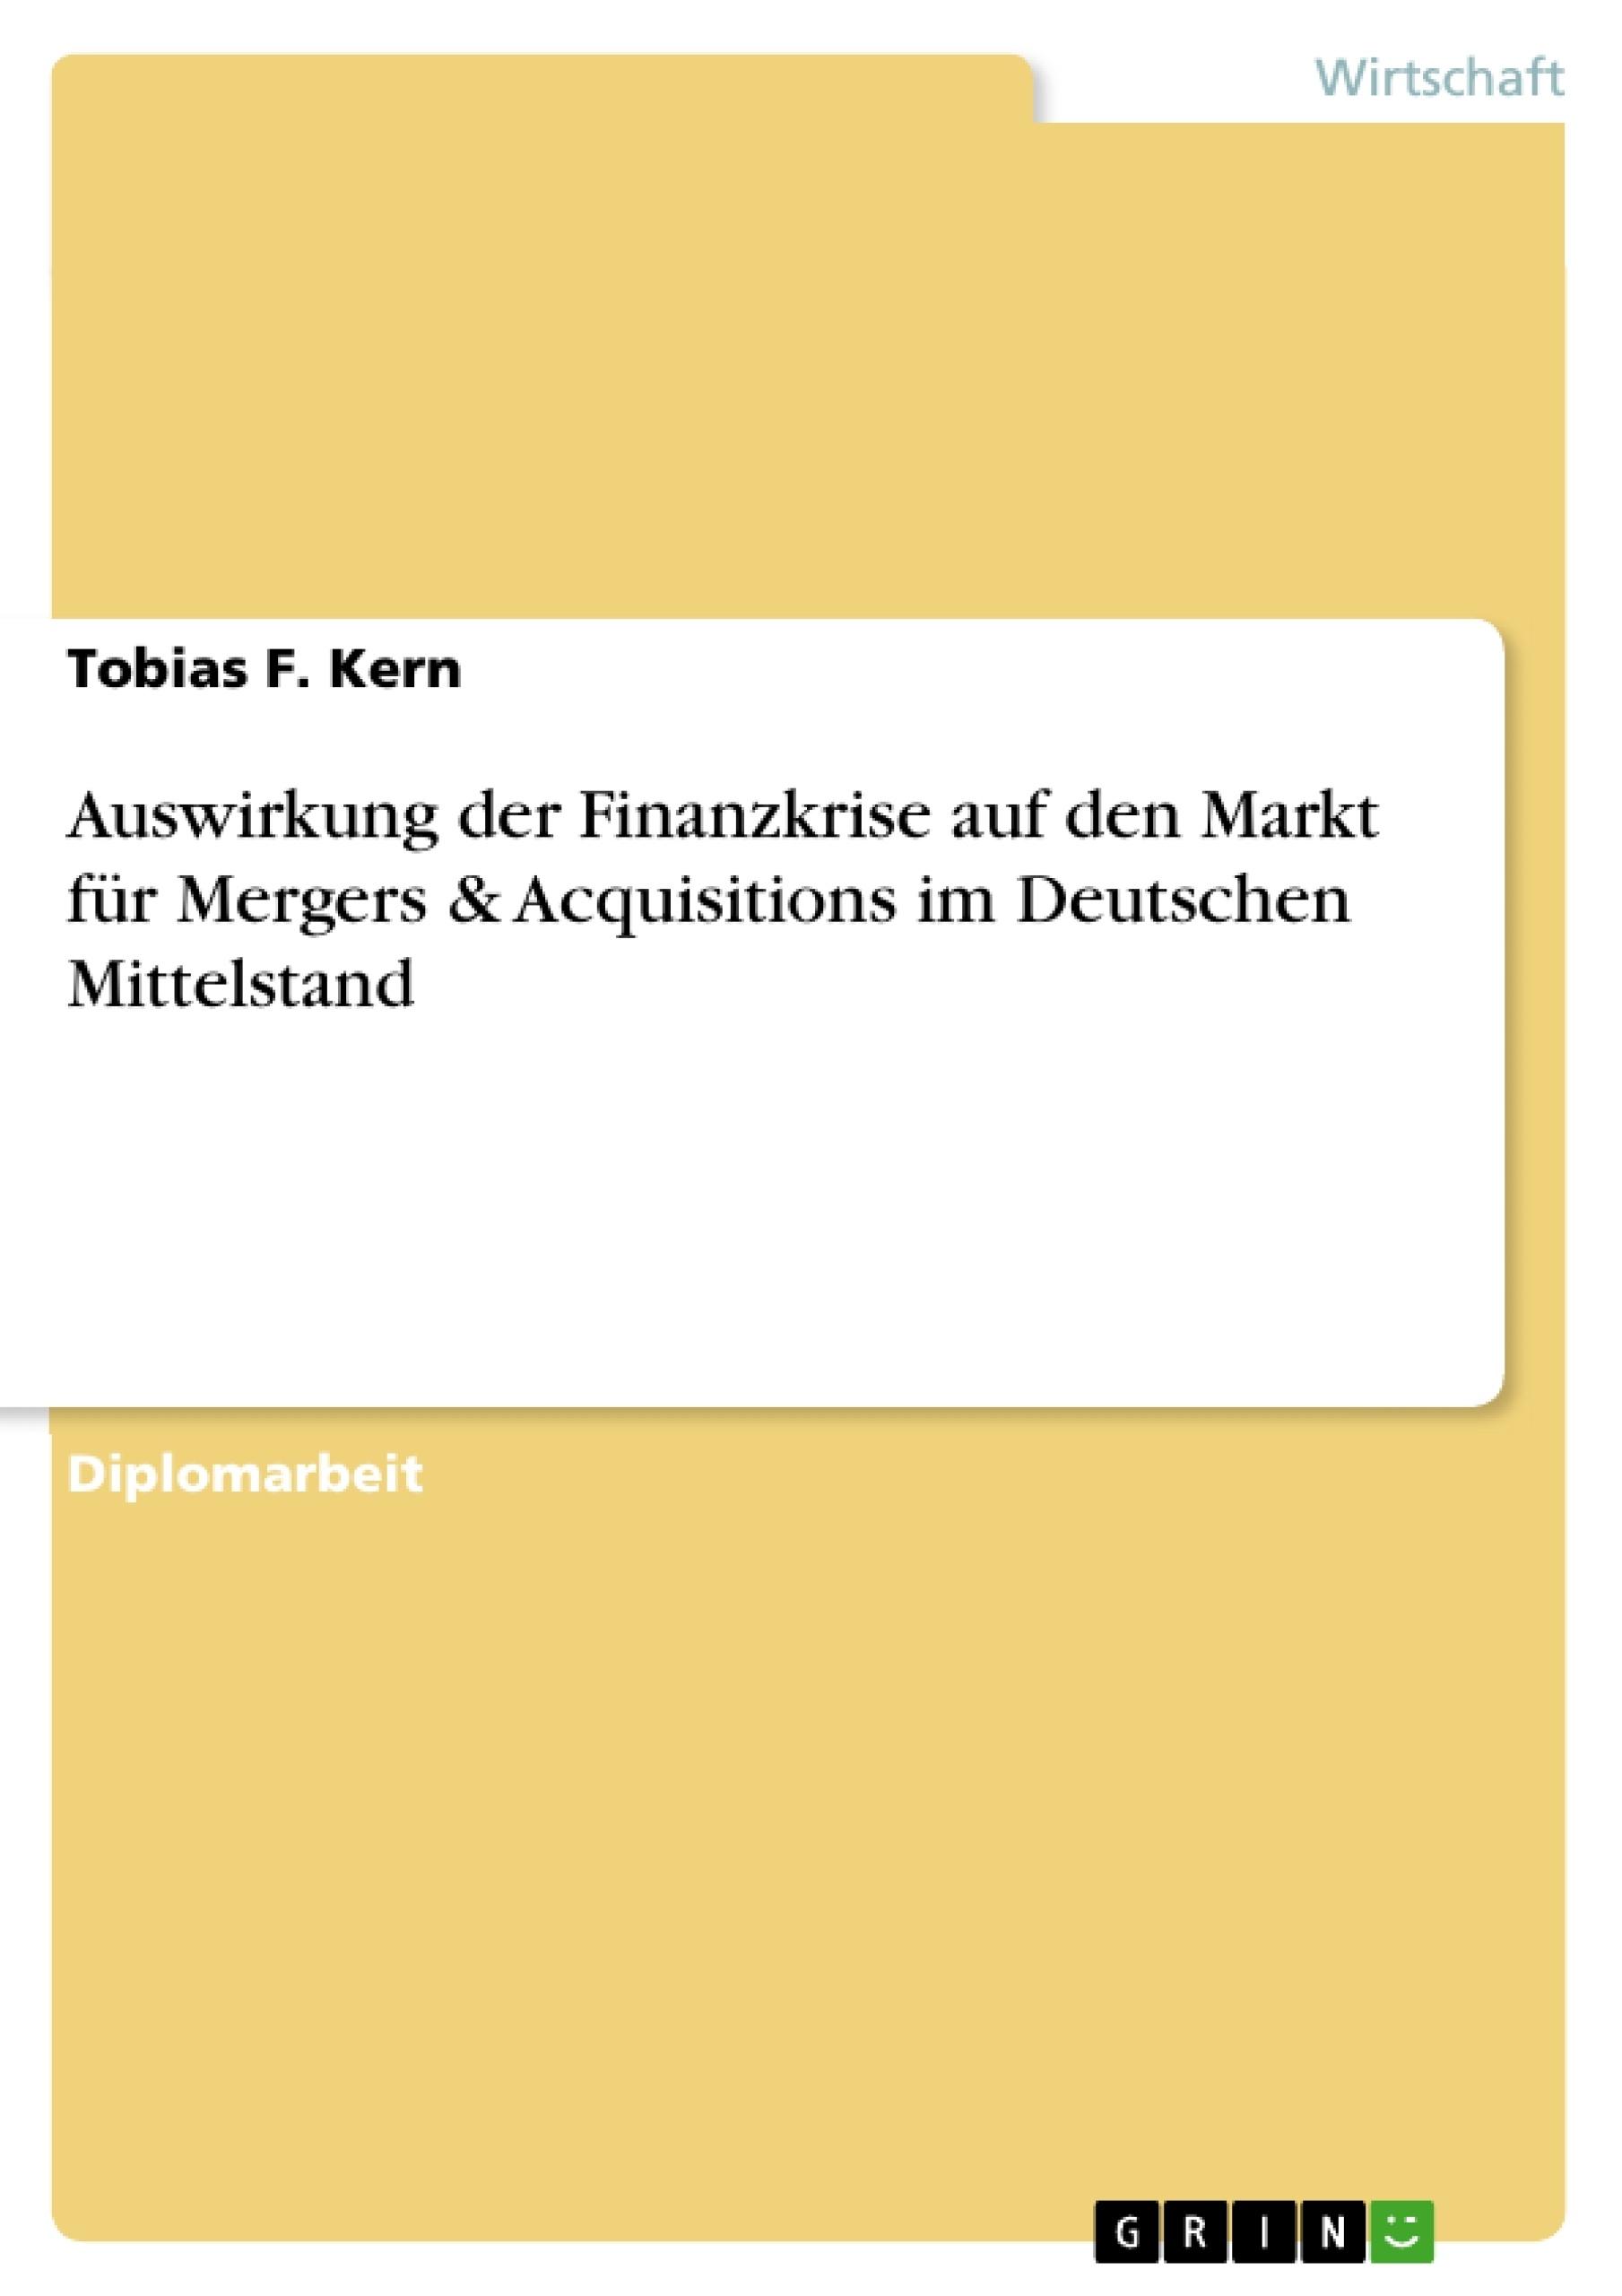 Titel: Auswirkung der Finanzkrise auf den Markt für Mergers & Acquisitions im Deutschen Mittelstand